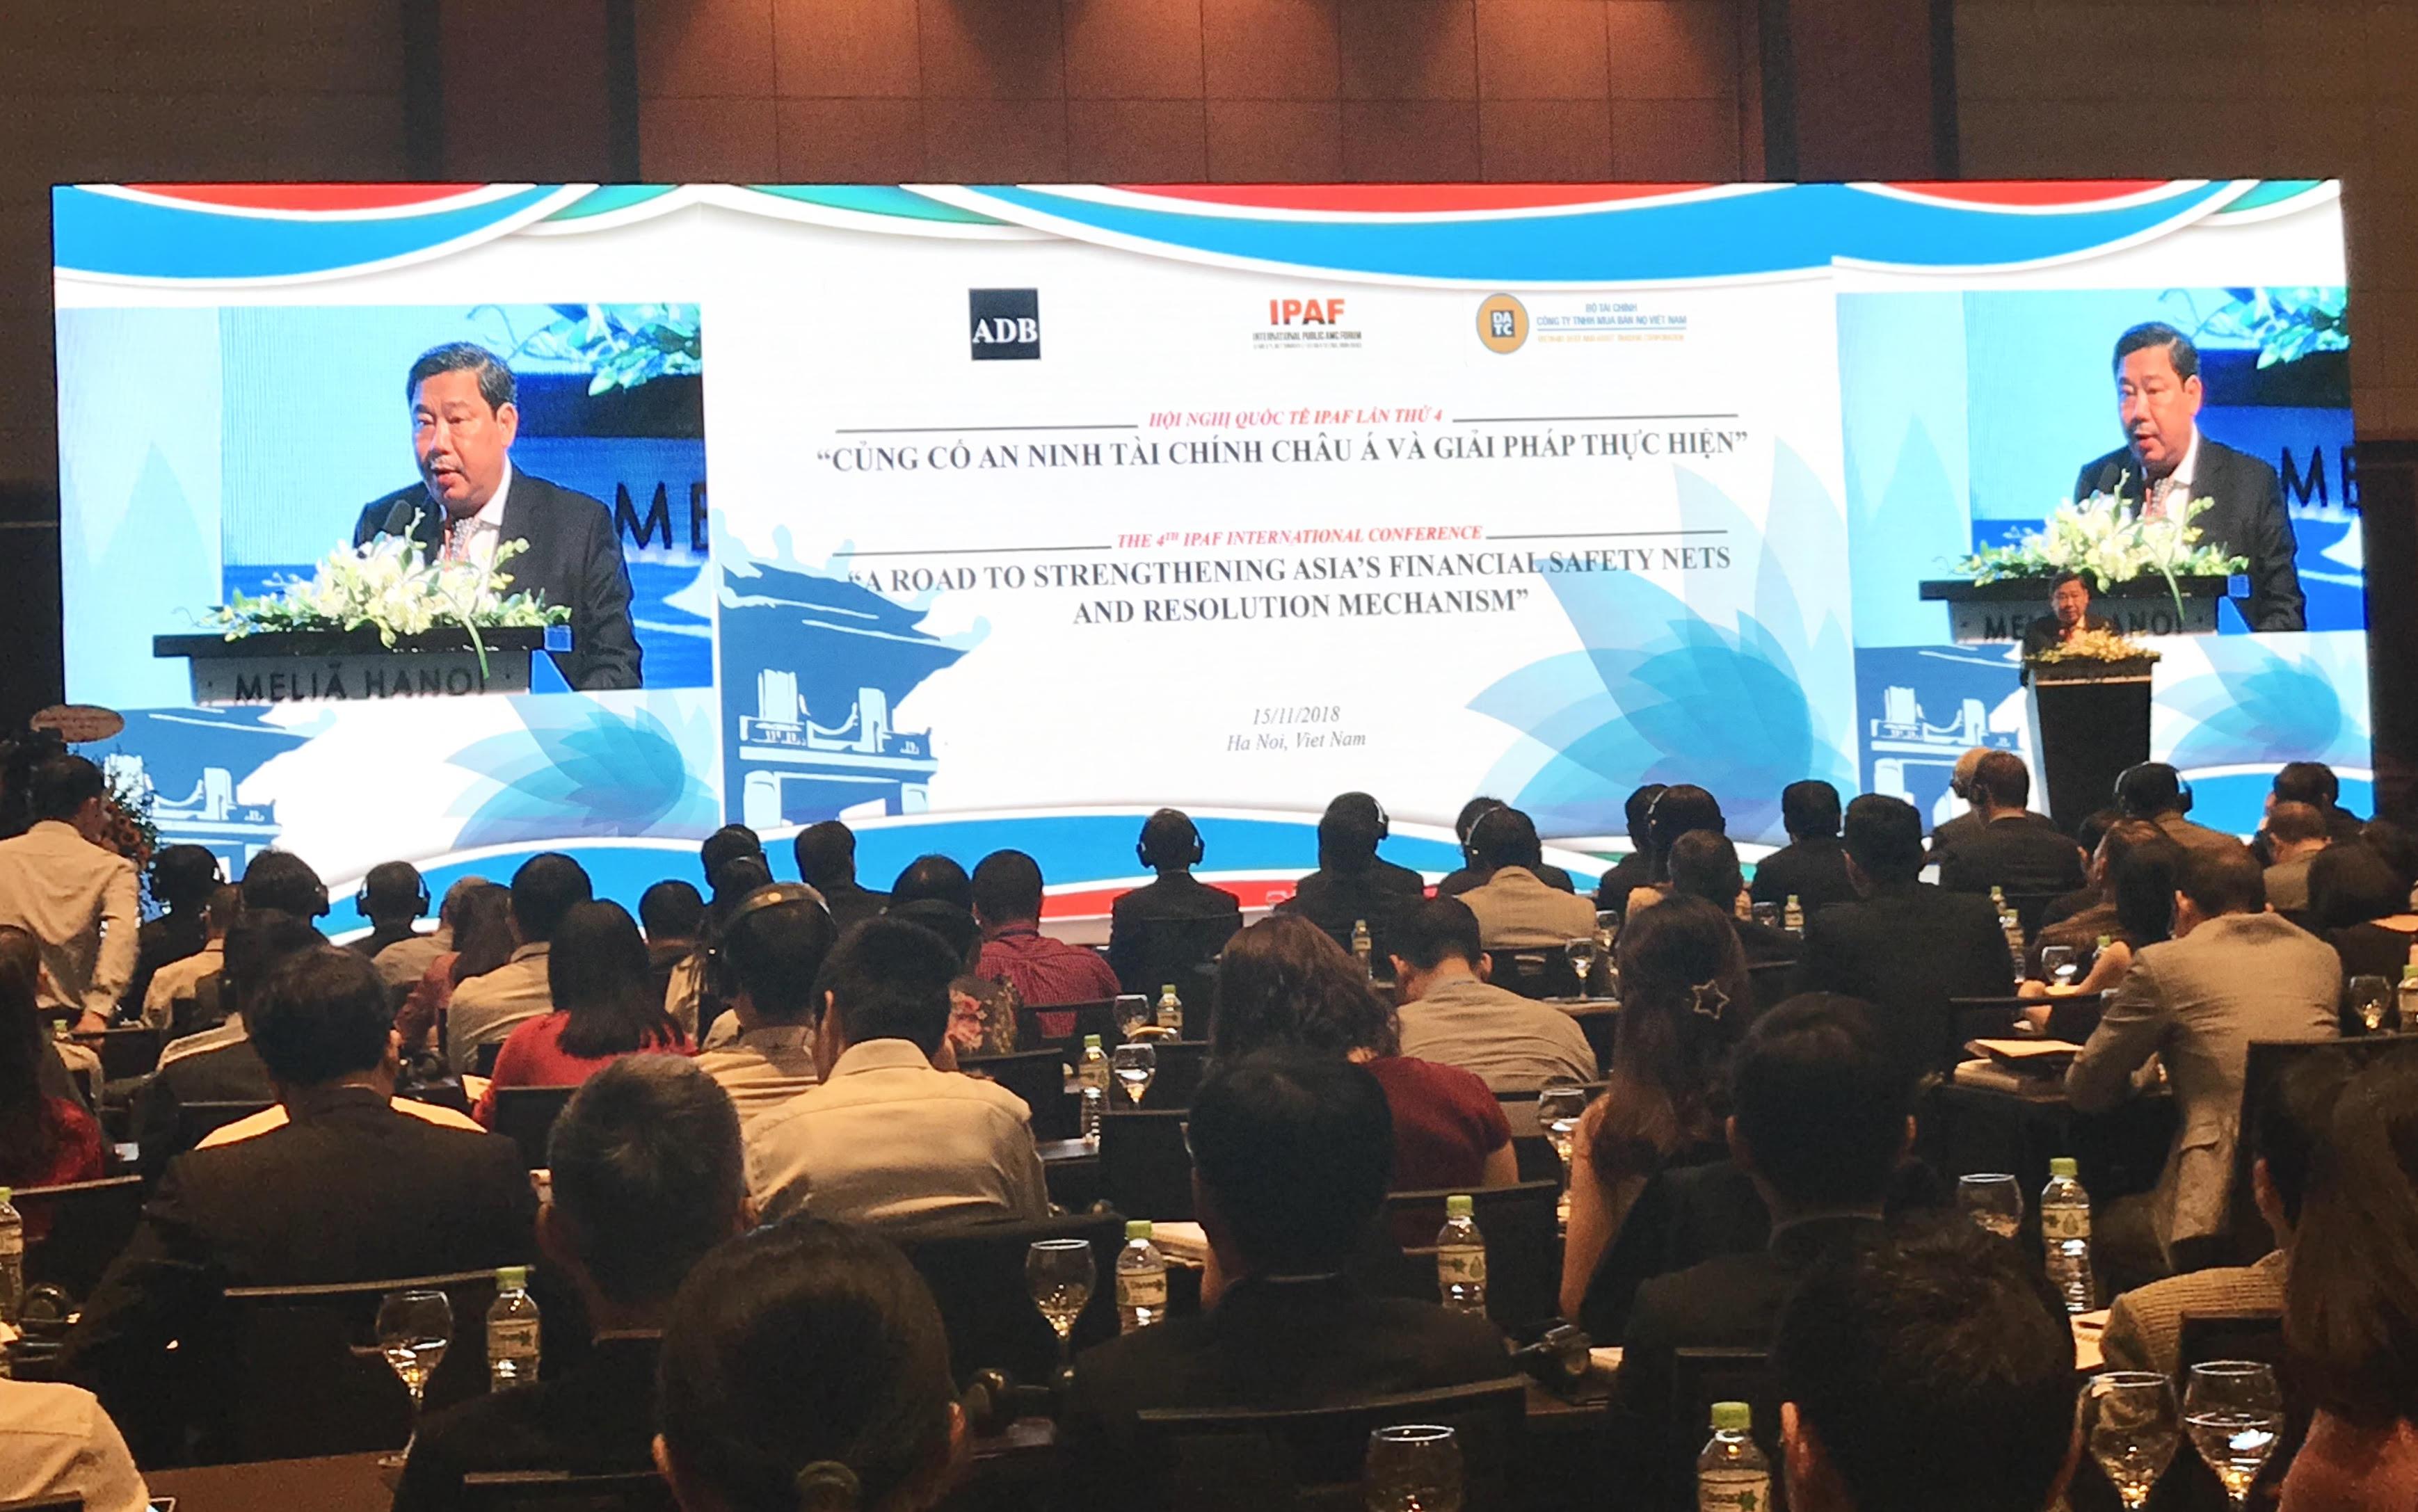 IPAF 2018: Chia sẻ kinh nghiệm xử lý nợ xấu và củng cố an ninh tài chính châu Á